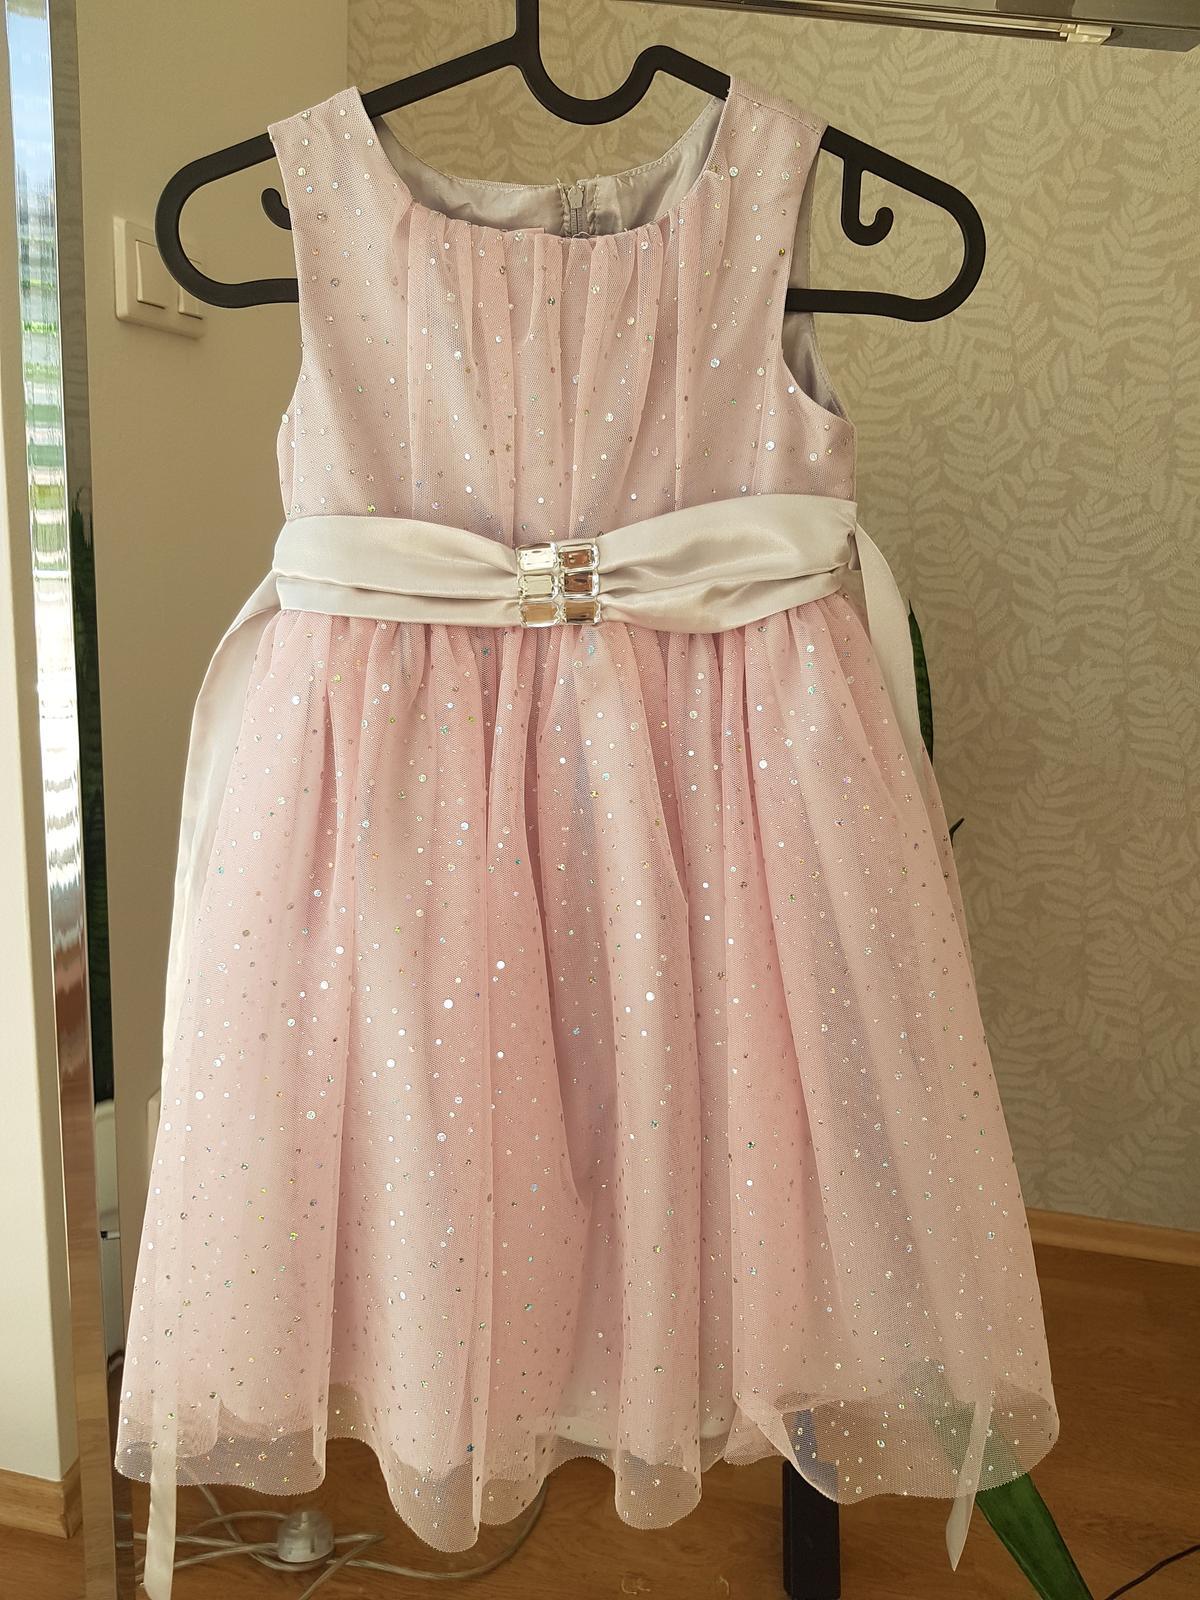 Prodám šaty pro družičku z 5th Avenvue - Obrázek č. 1